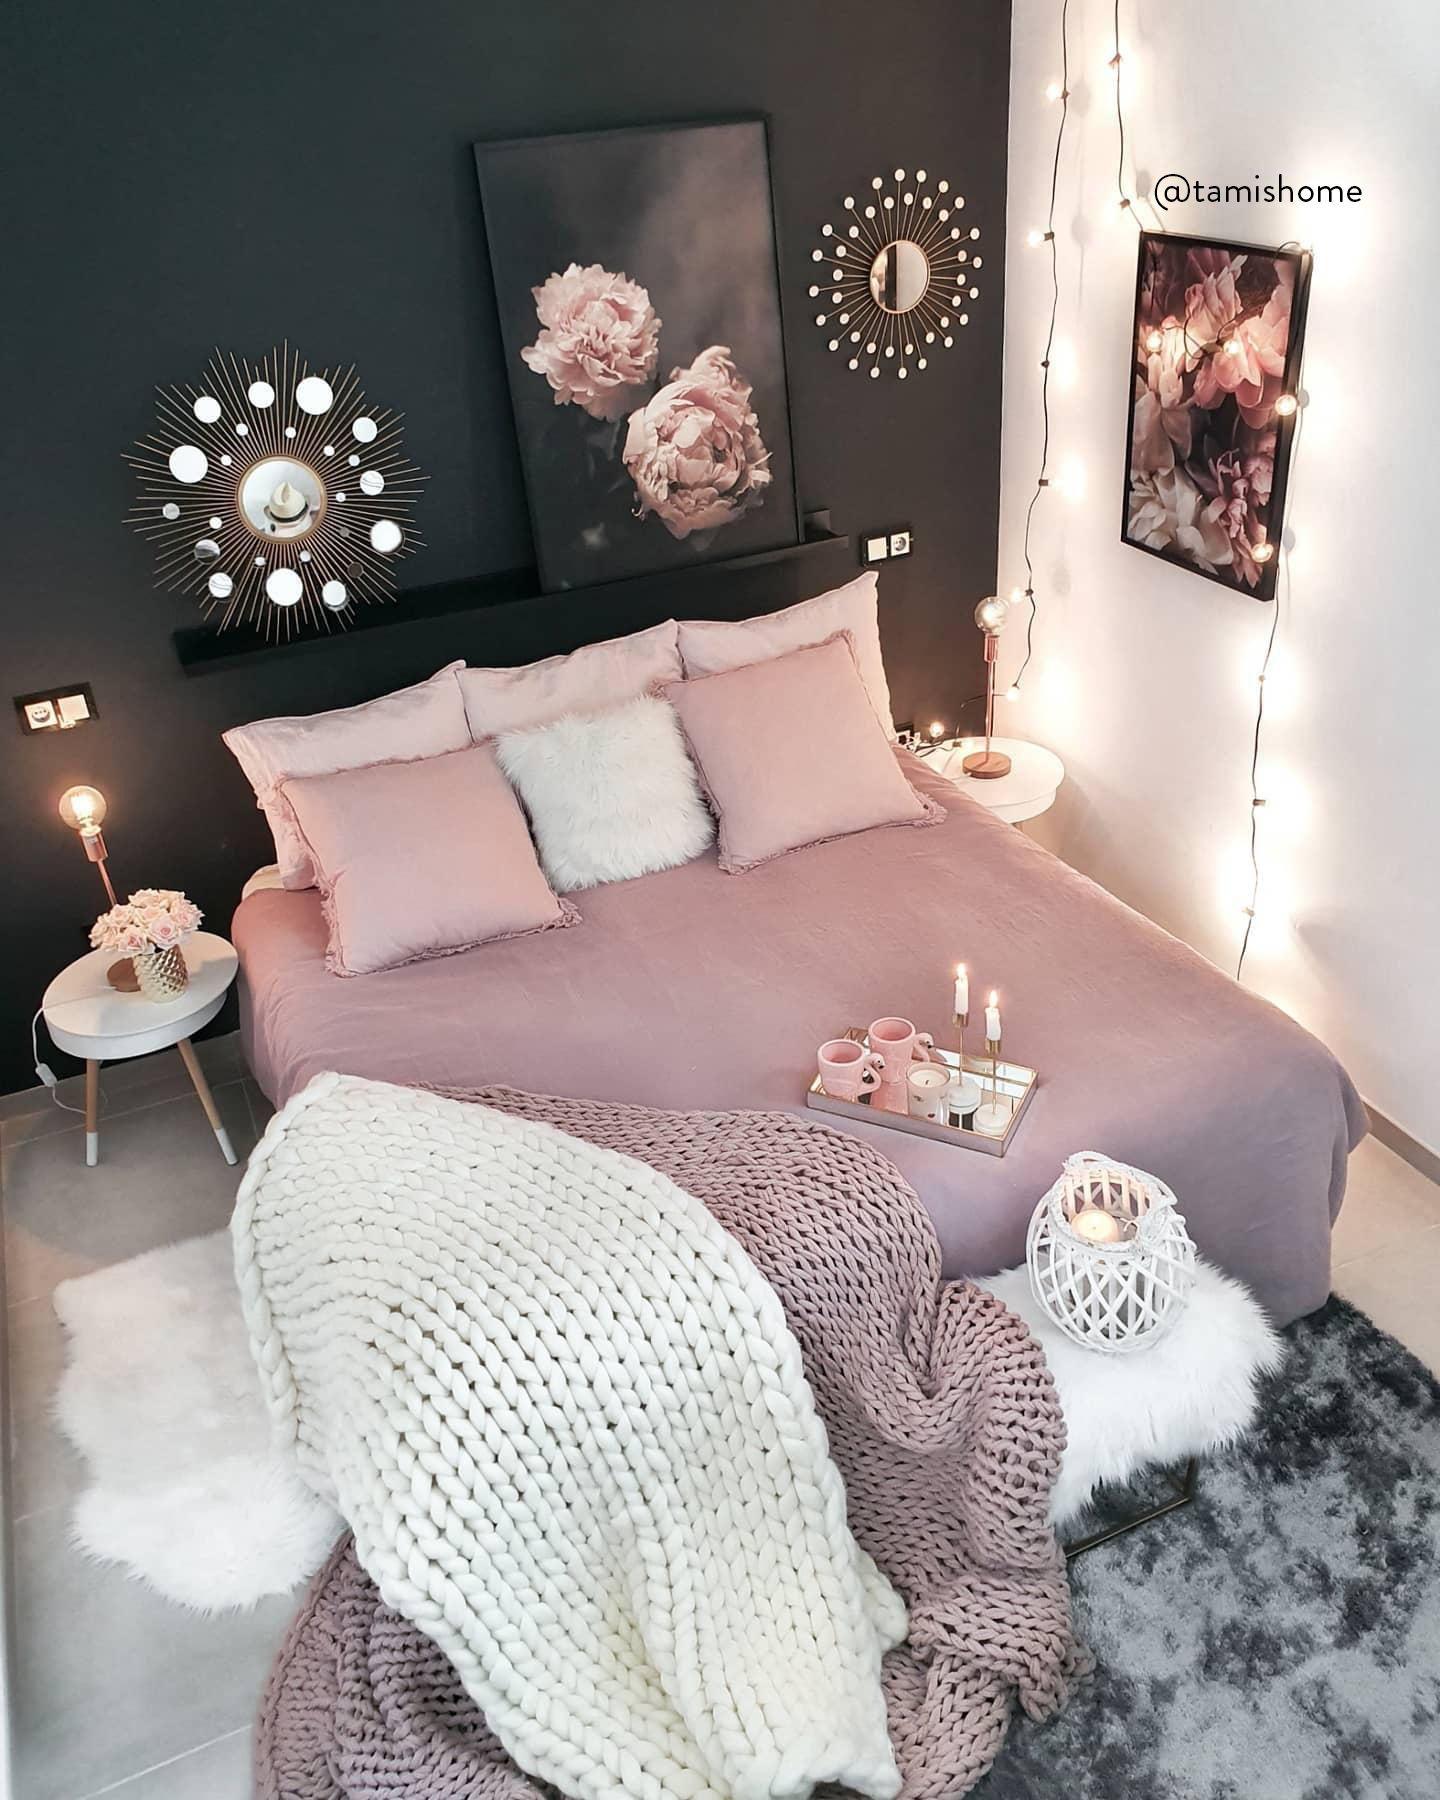 Extra Platz Mit Bettbanken I Westwingnow Schlafzimmer Deko Dekoration Schlafzimmer Design Schlafzimmer Dekorieren